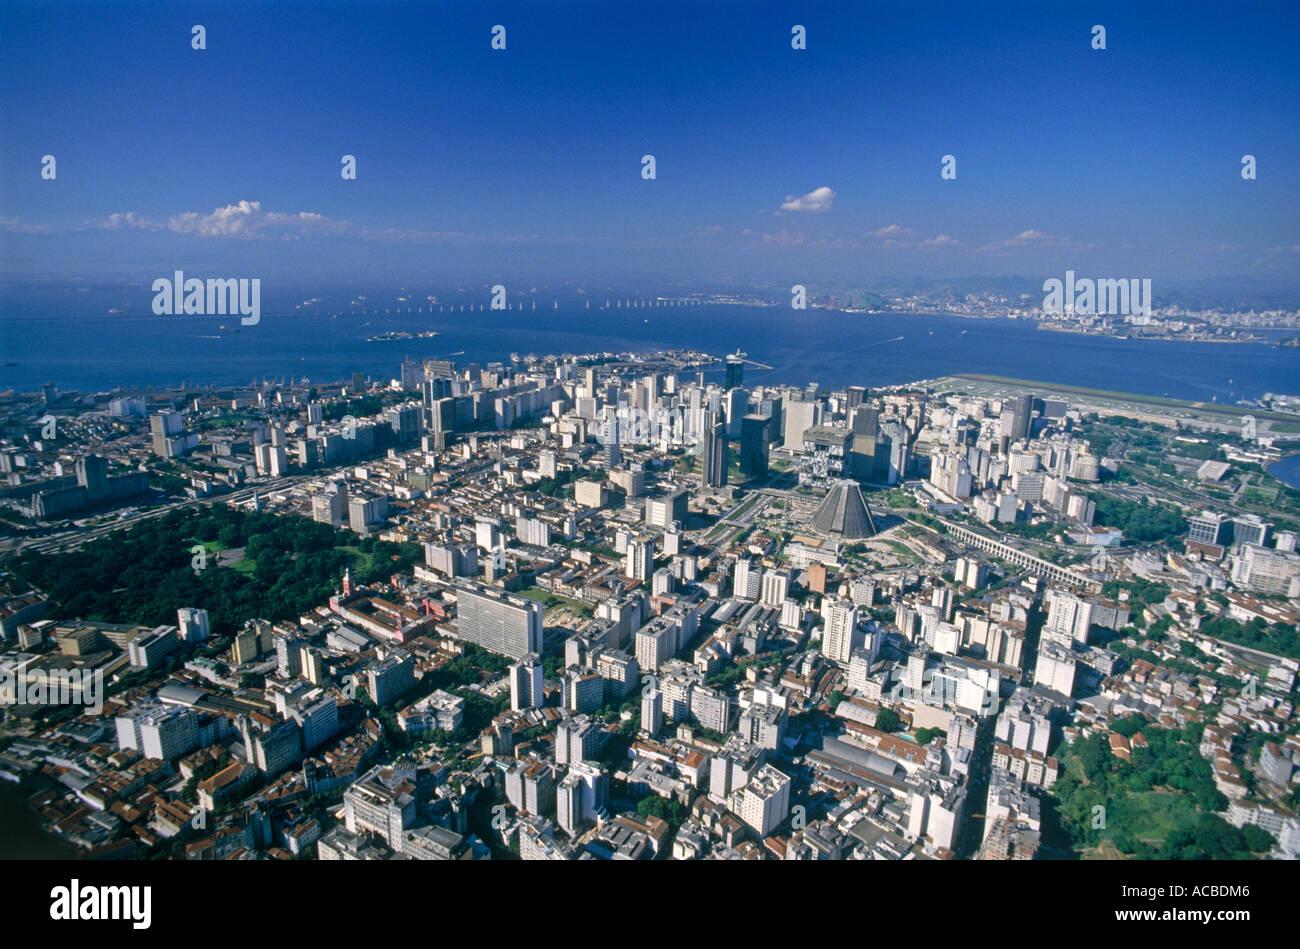 suburb of city of rio de janeiro brazil - Stock Image